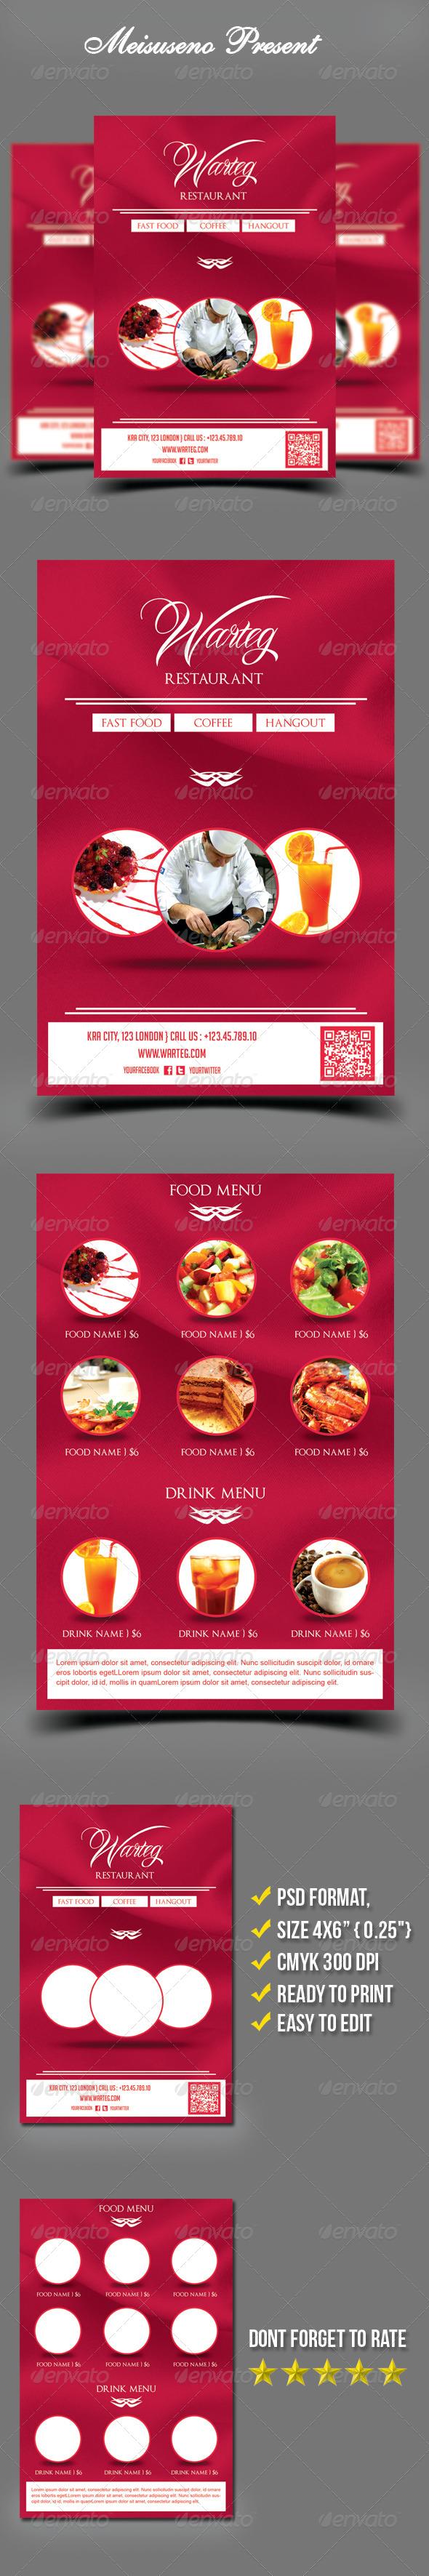 GraphicRiver Warteg Restaurant Flyer Template 5412740